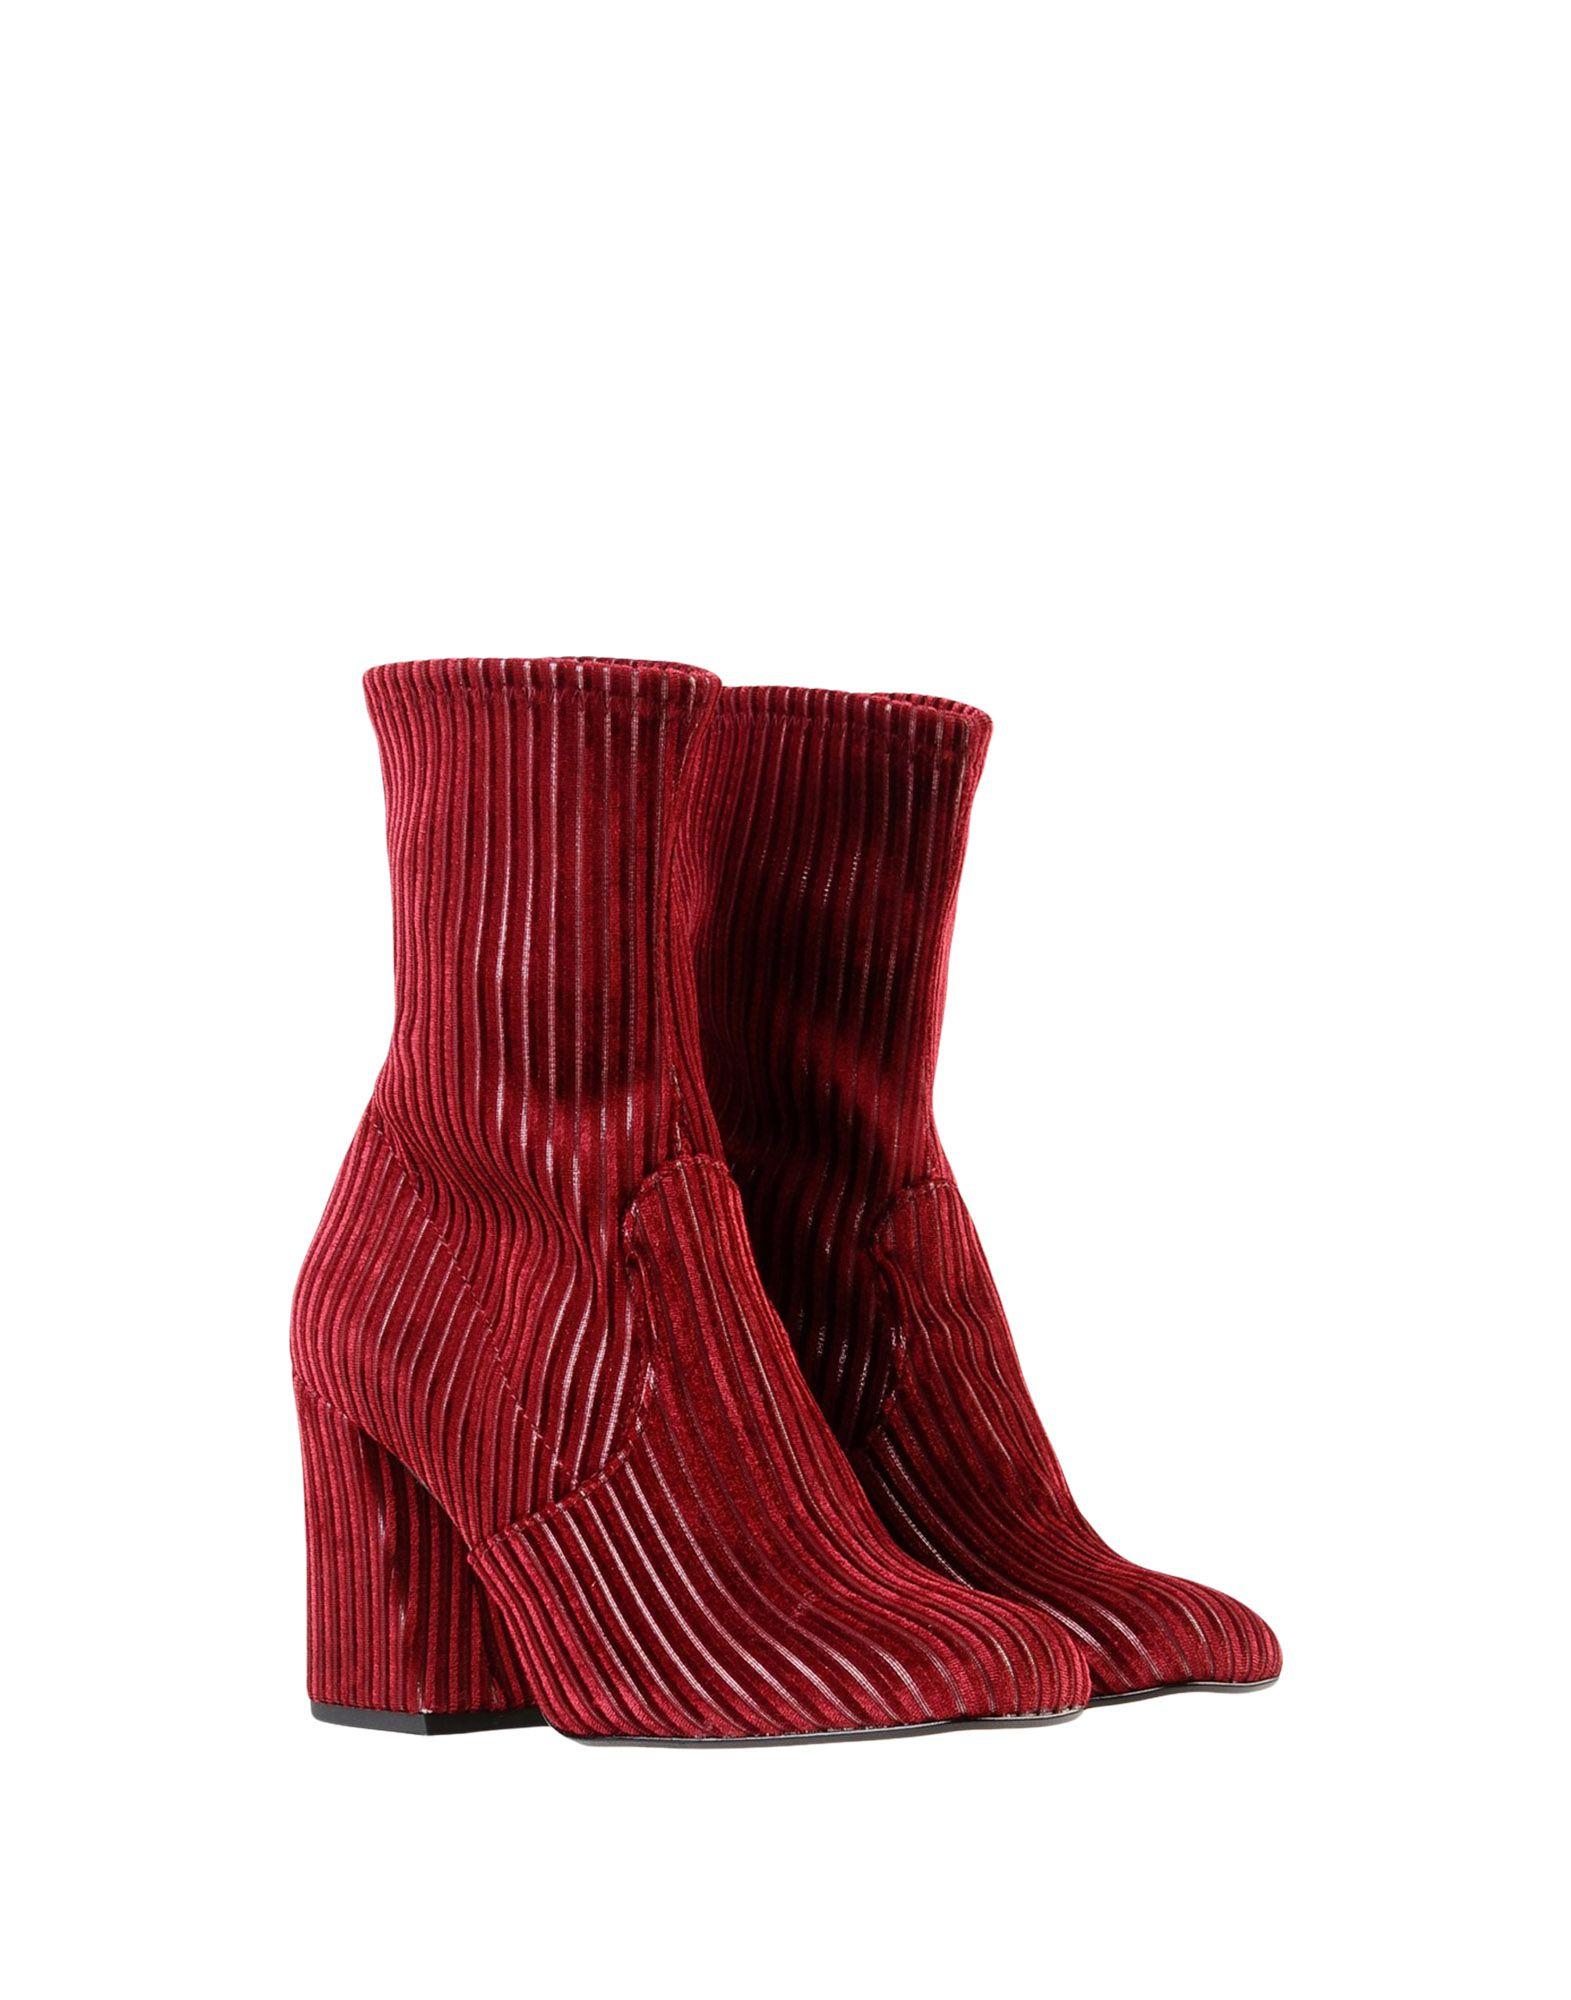 Gut um billige Damen Schuhe zu tragenGeorge J. Love Stiefelette Damen billige  11537624LC 674072